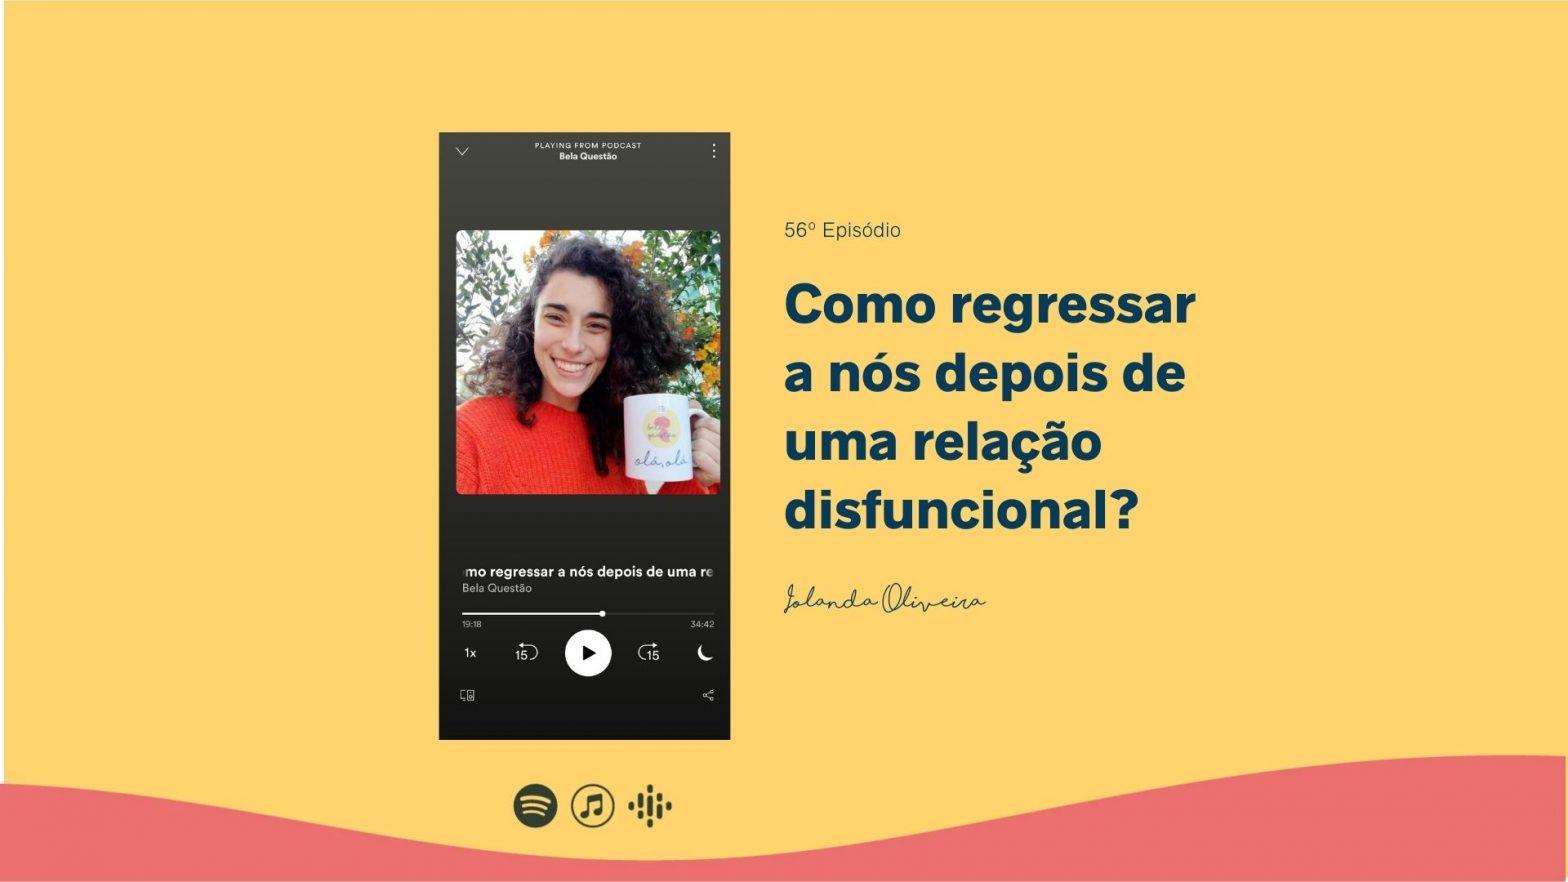 Como regressar a nós depois de uma relação disfuncional? Com Iolanda Oliveira, artista e estudante de psicologia